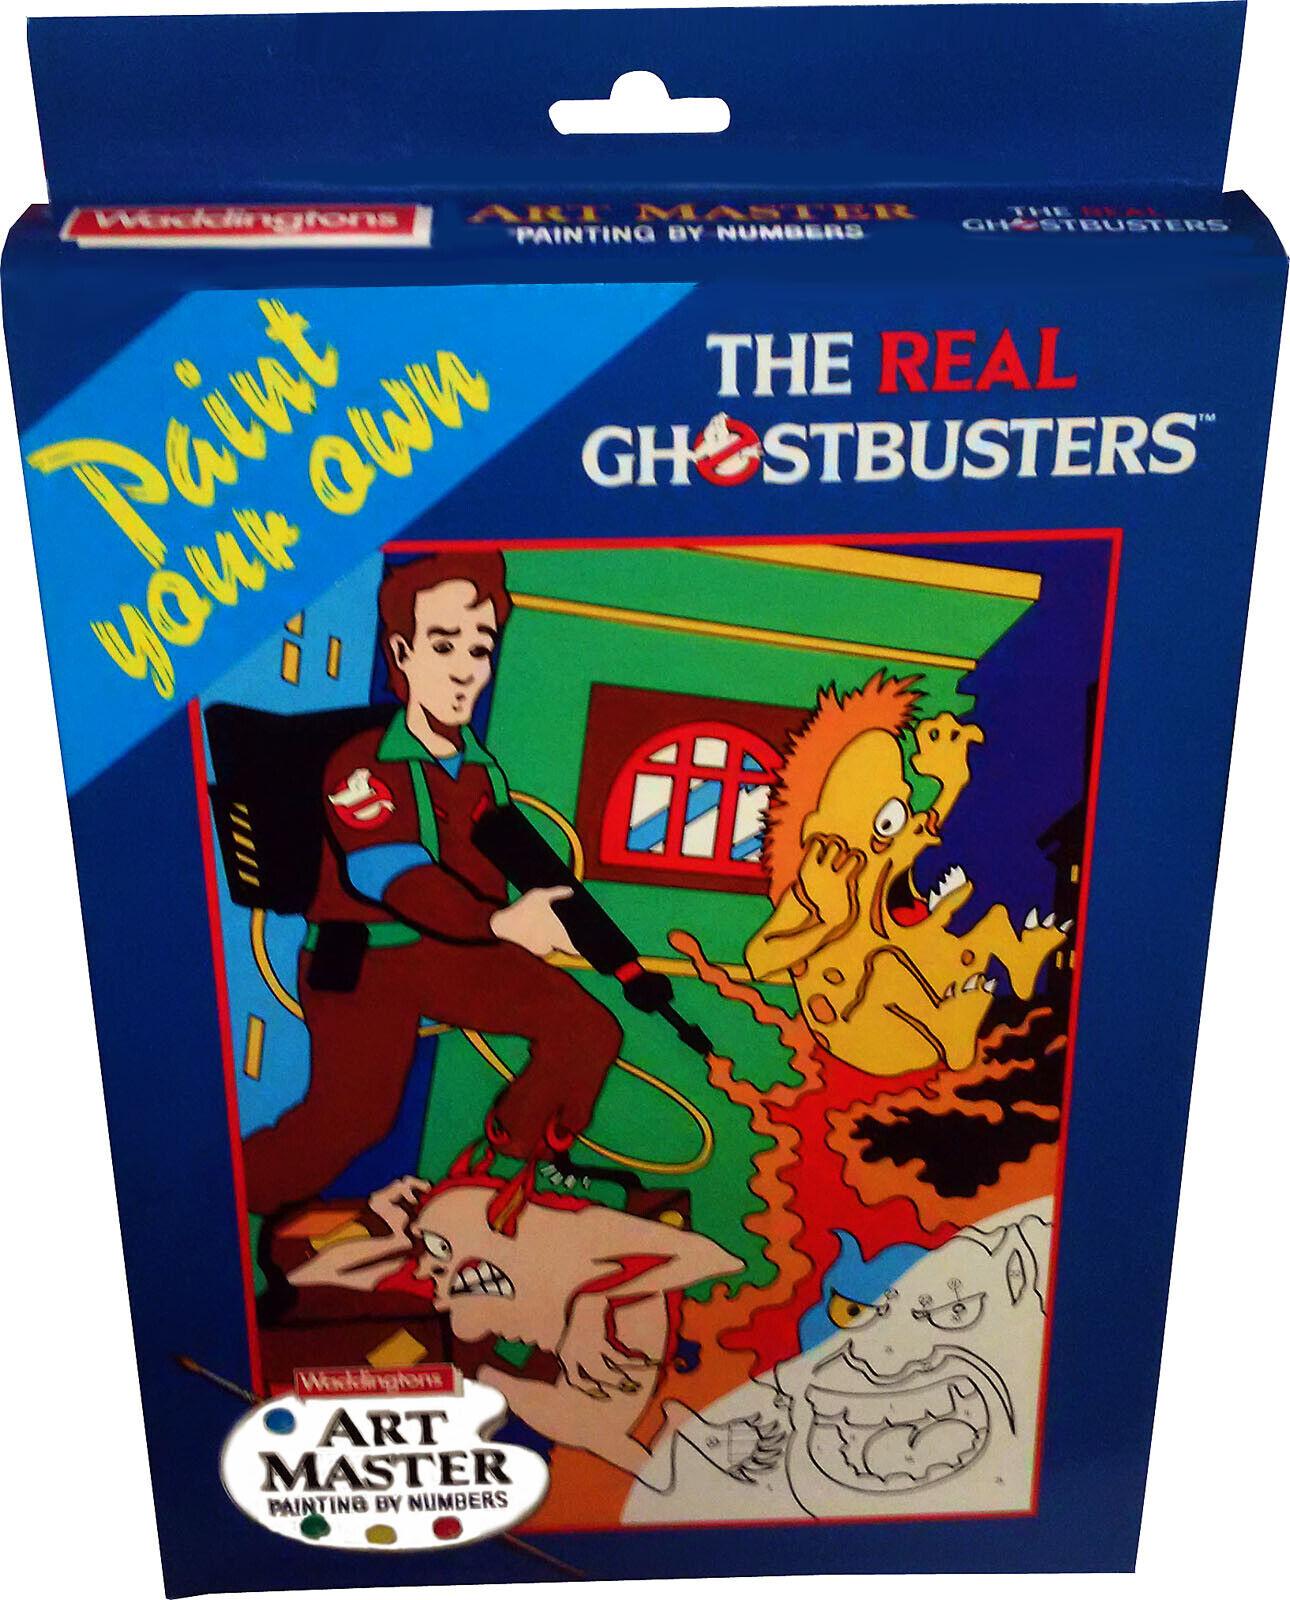 The Real Ghostbusters-Peinture par numéros-Vintage 1988 neuf  Comme neuf in box Comme neuf IN BOX